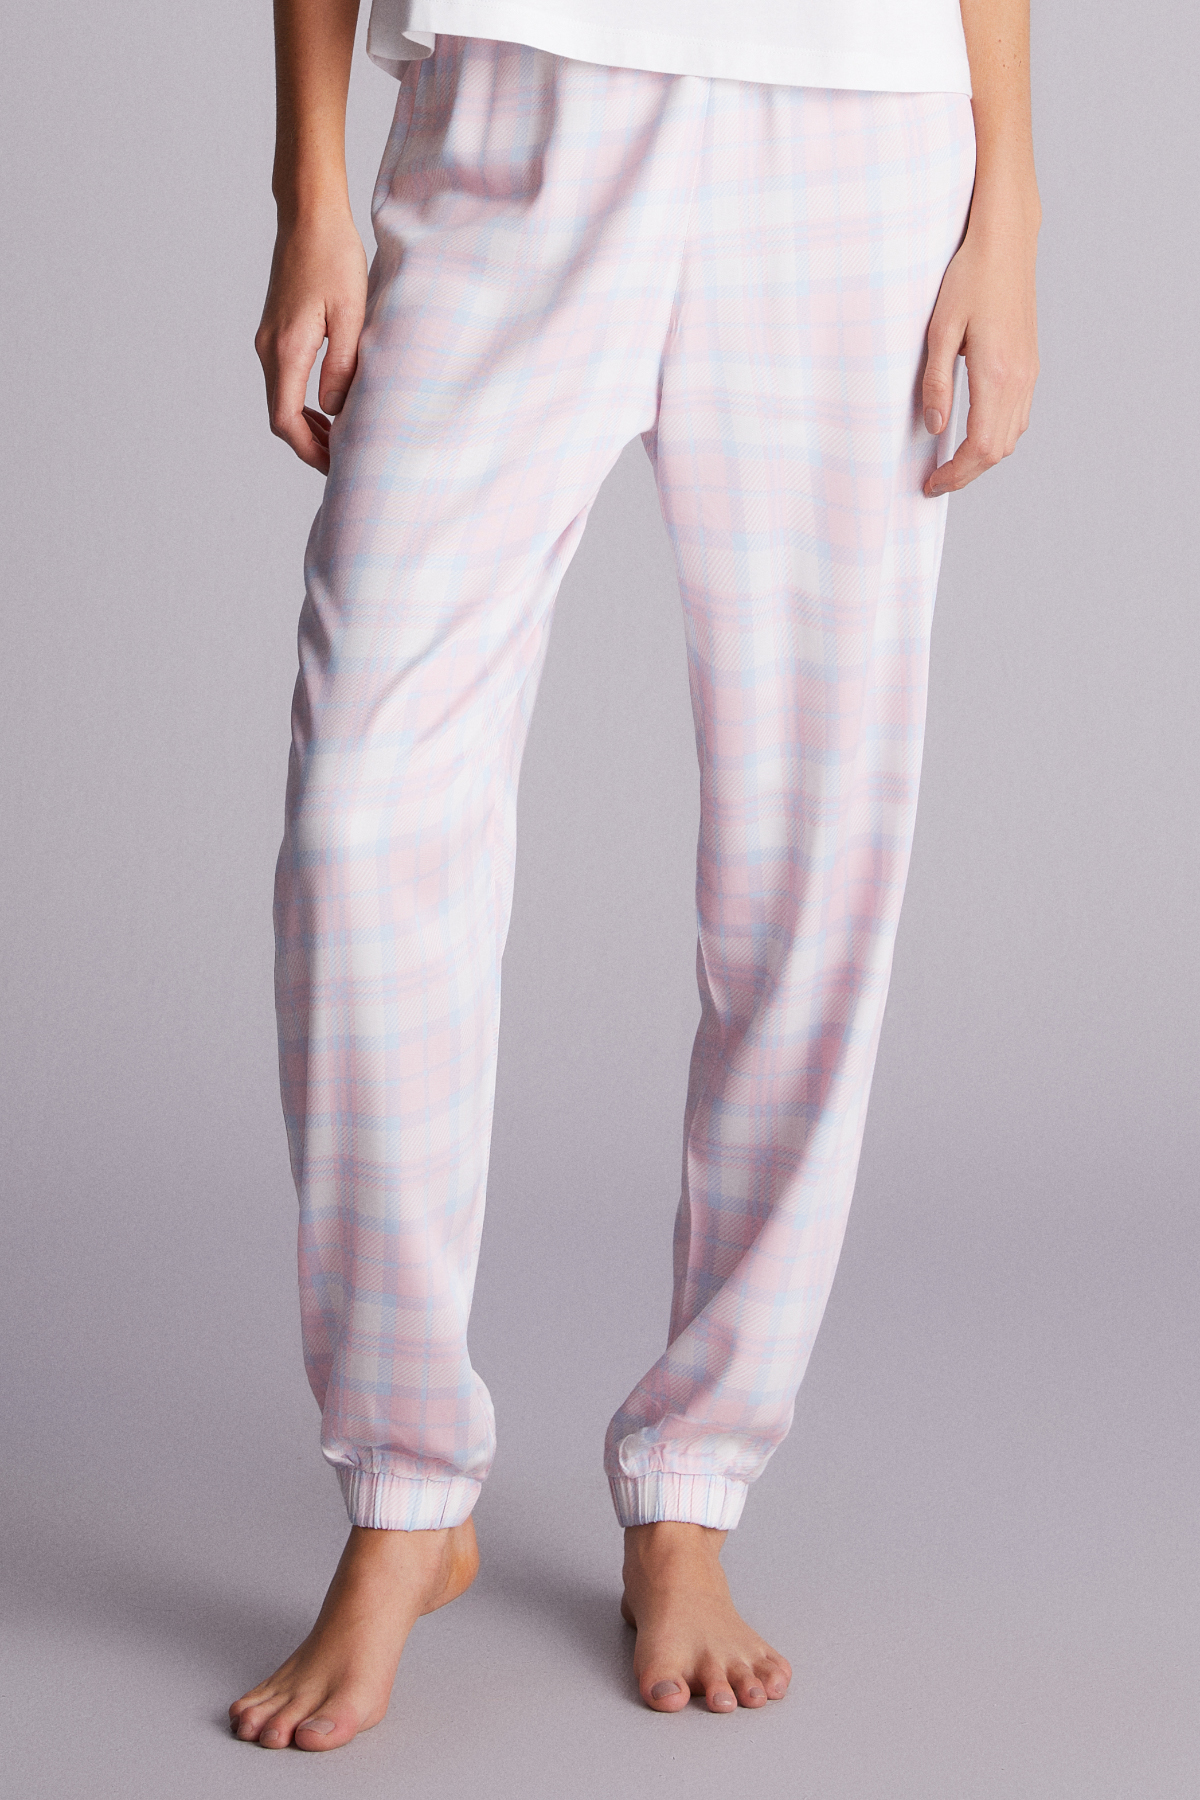 Pantalon Plaid Eve